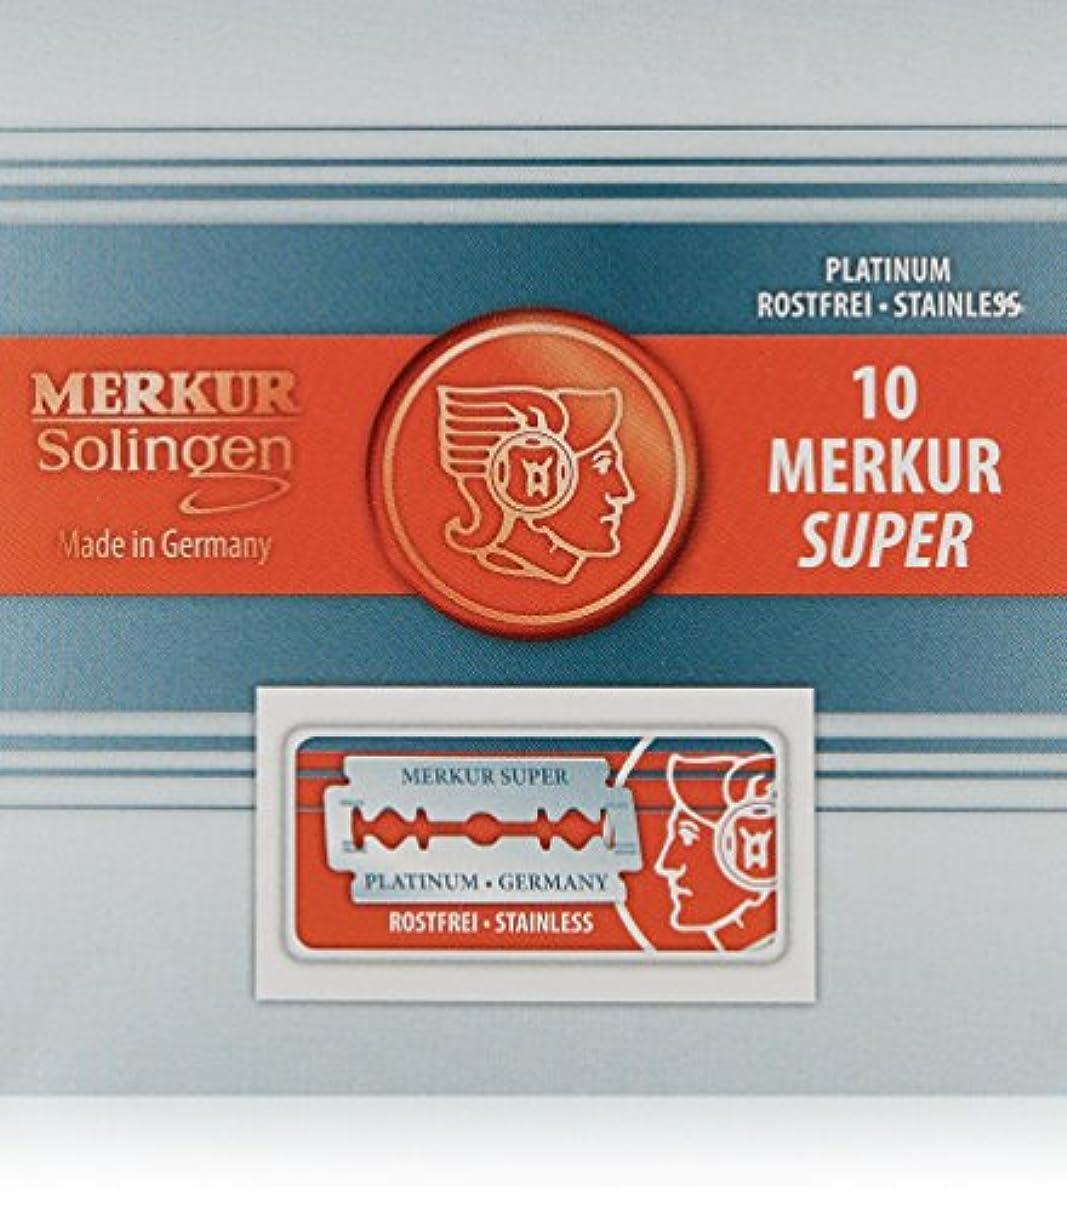 深さ先行為Merkur Stainless Platinum Safety Razor Blades 10 Pack